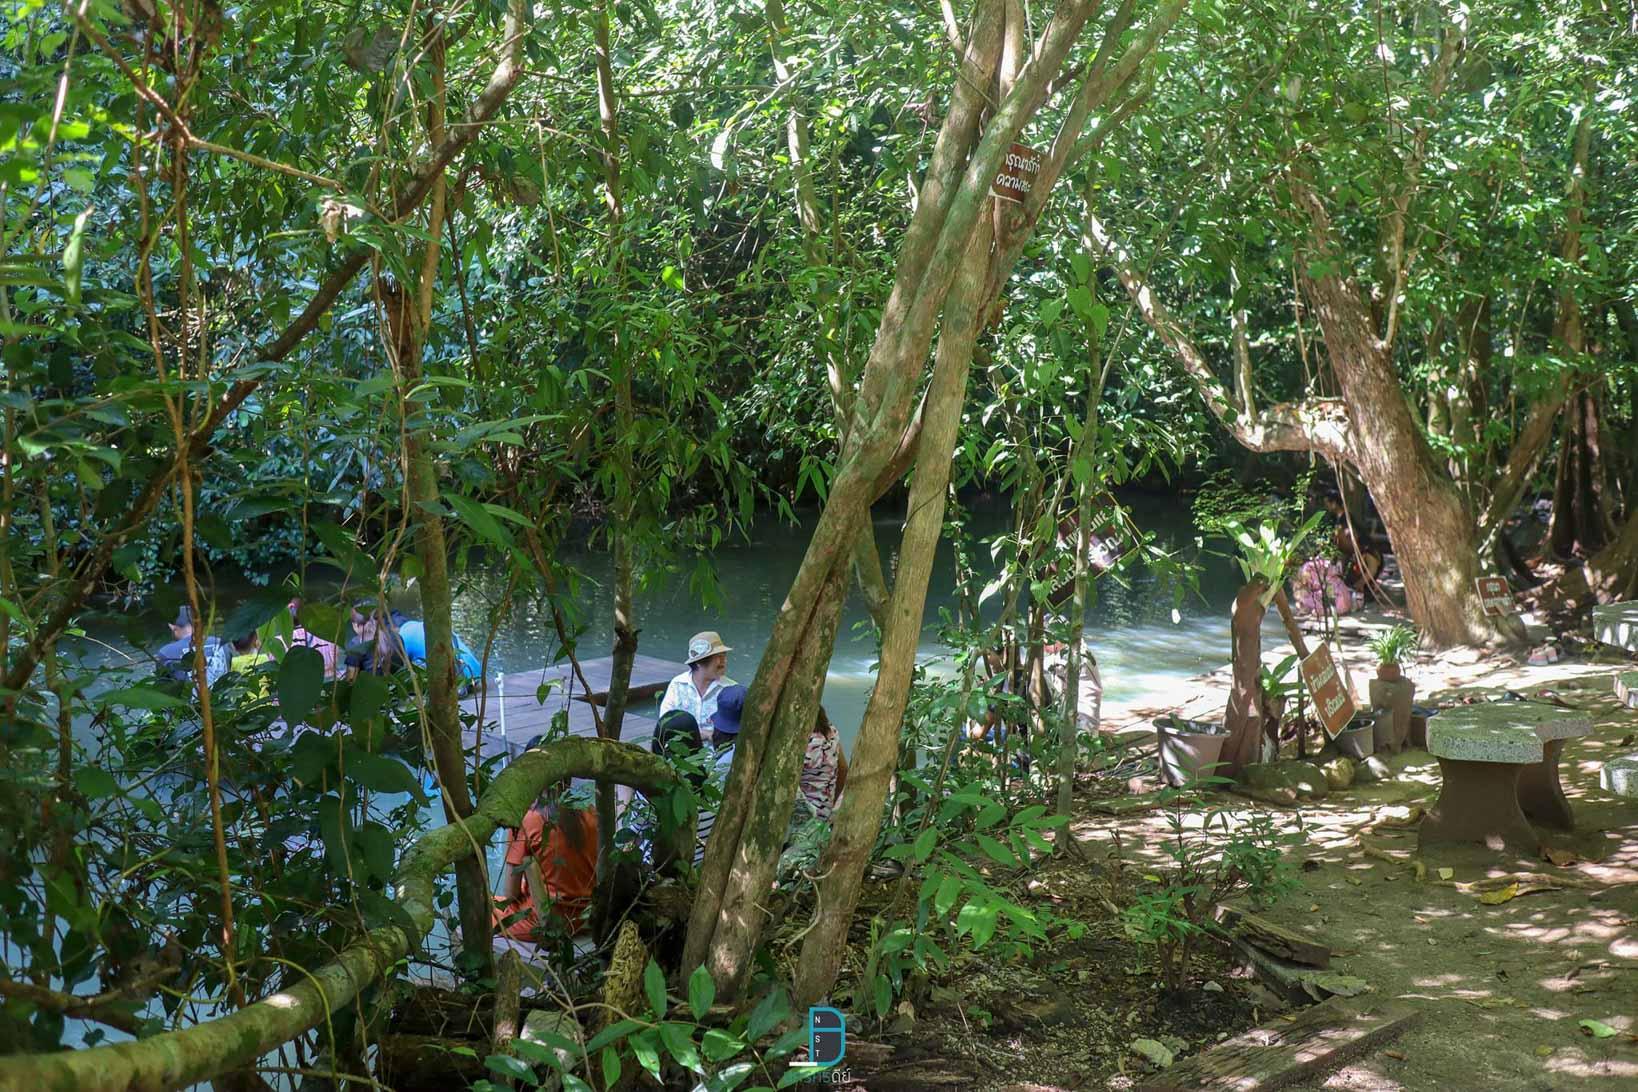 สวนตาสรรค์ แหล่งเช็คอินยอดฮิตที่ได้ชื่อว่า-สปาปลาตอดครับ-ปกติน้ำจะใสมากแต่แอดมาวันนี้ฝนตกครับเลยขุ่นๆหน่อย ที่พักขนอม,นครศรี,ขนอม,วิวหลักล้าน,ทะเล,ธรรมชาติ,ภูเขา,โรงแรม,รีสอร์ท